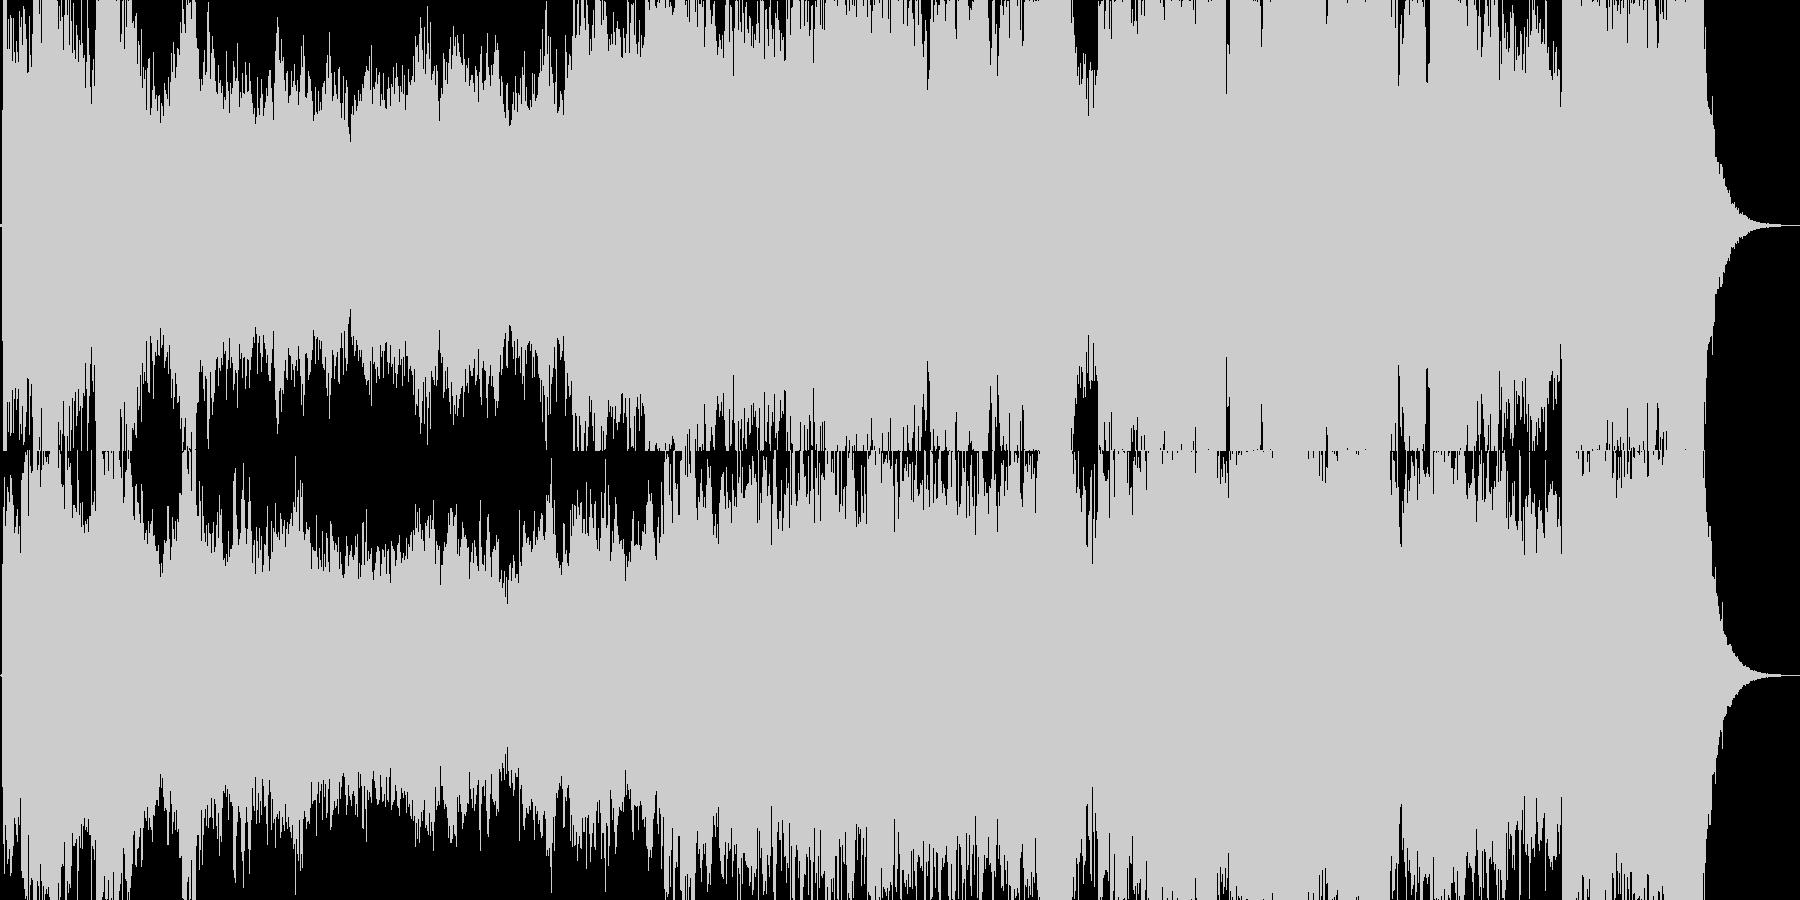 壮大な雰囲気のオーケストラジングルの未再生の波形